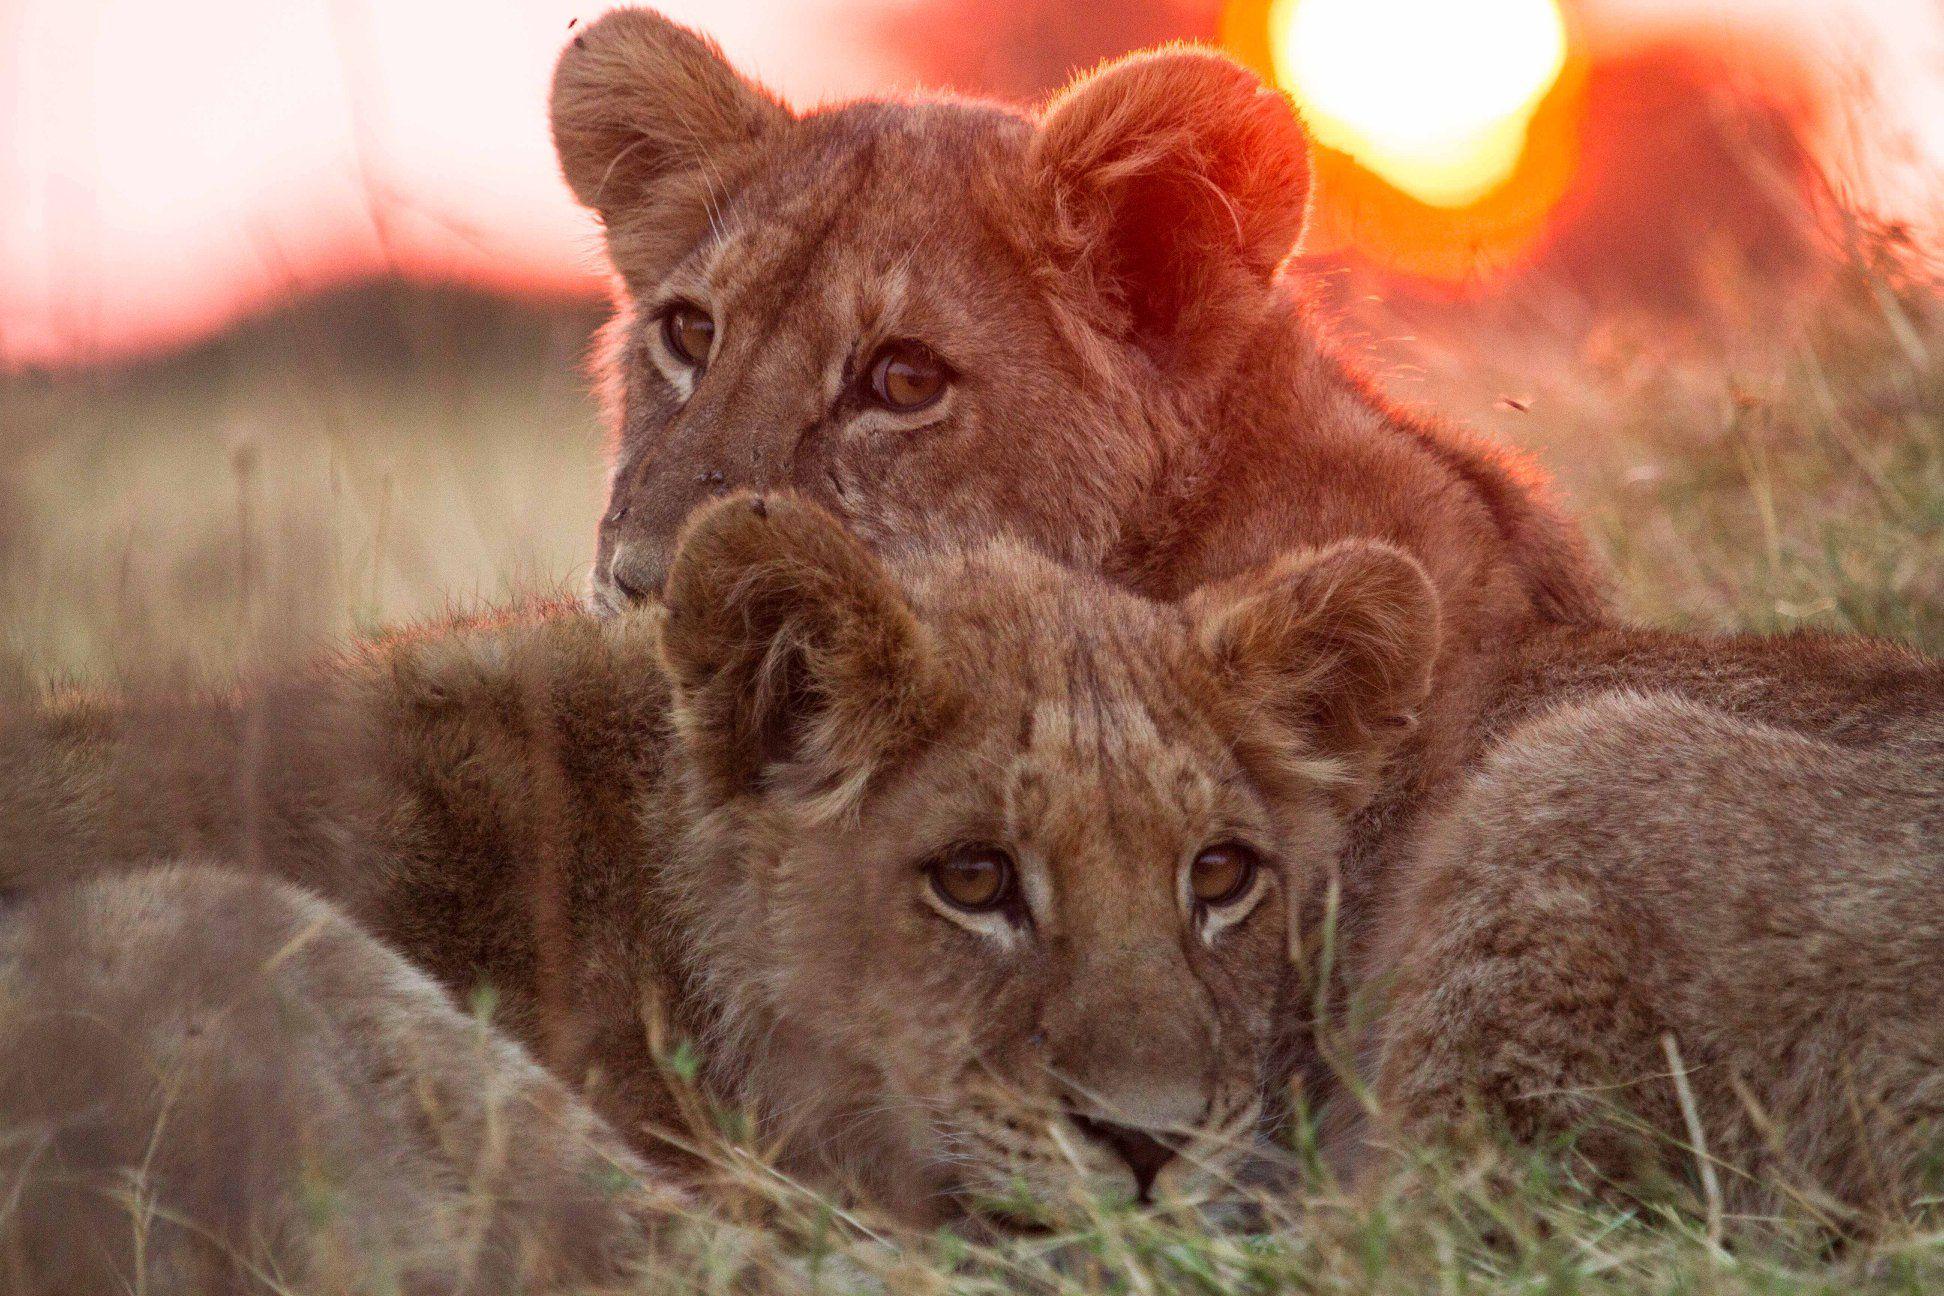 Épinglé par Yara Peace sur Lions Animaux sauvages